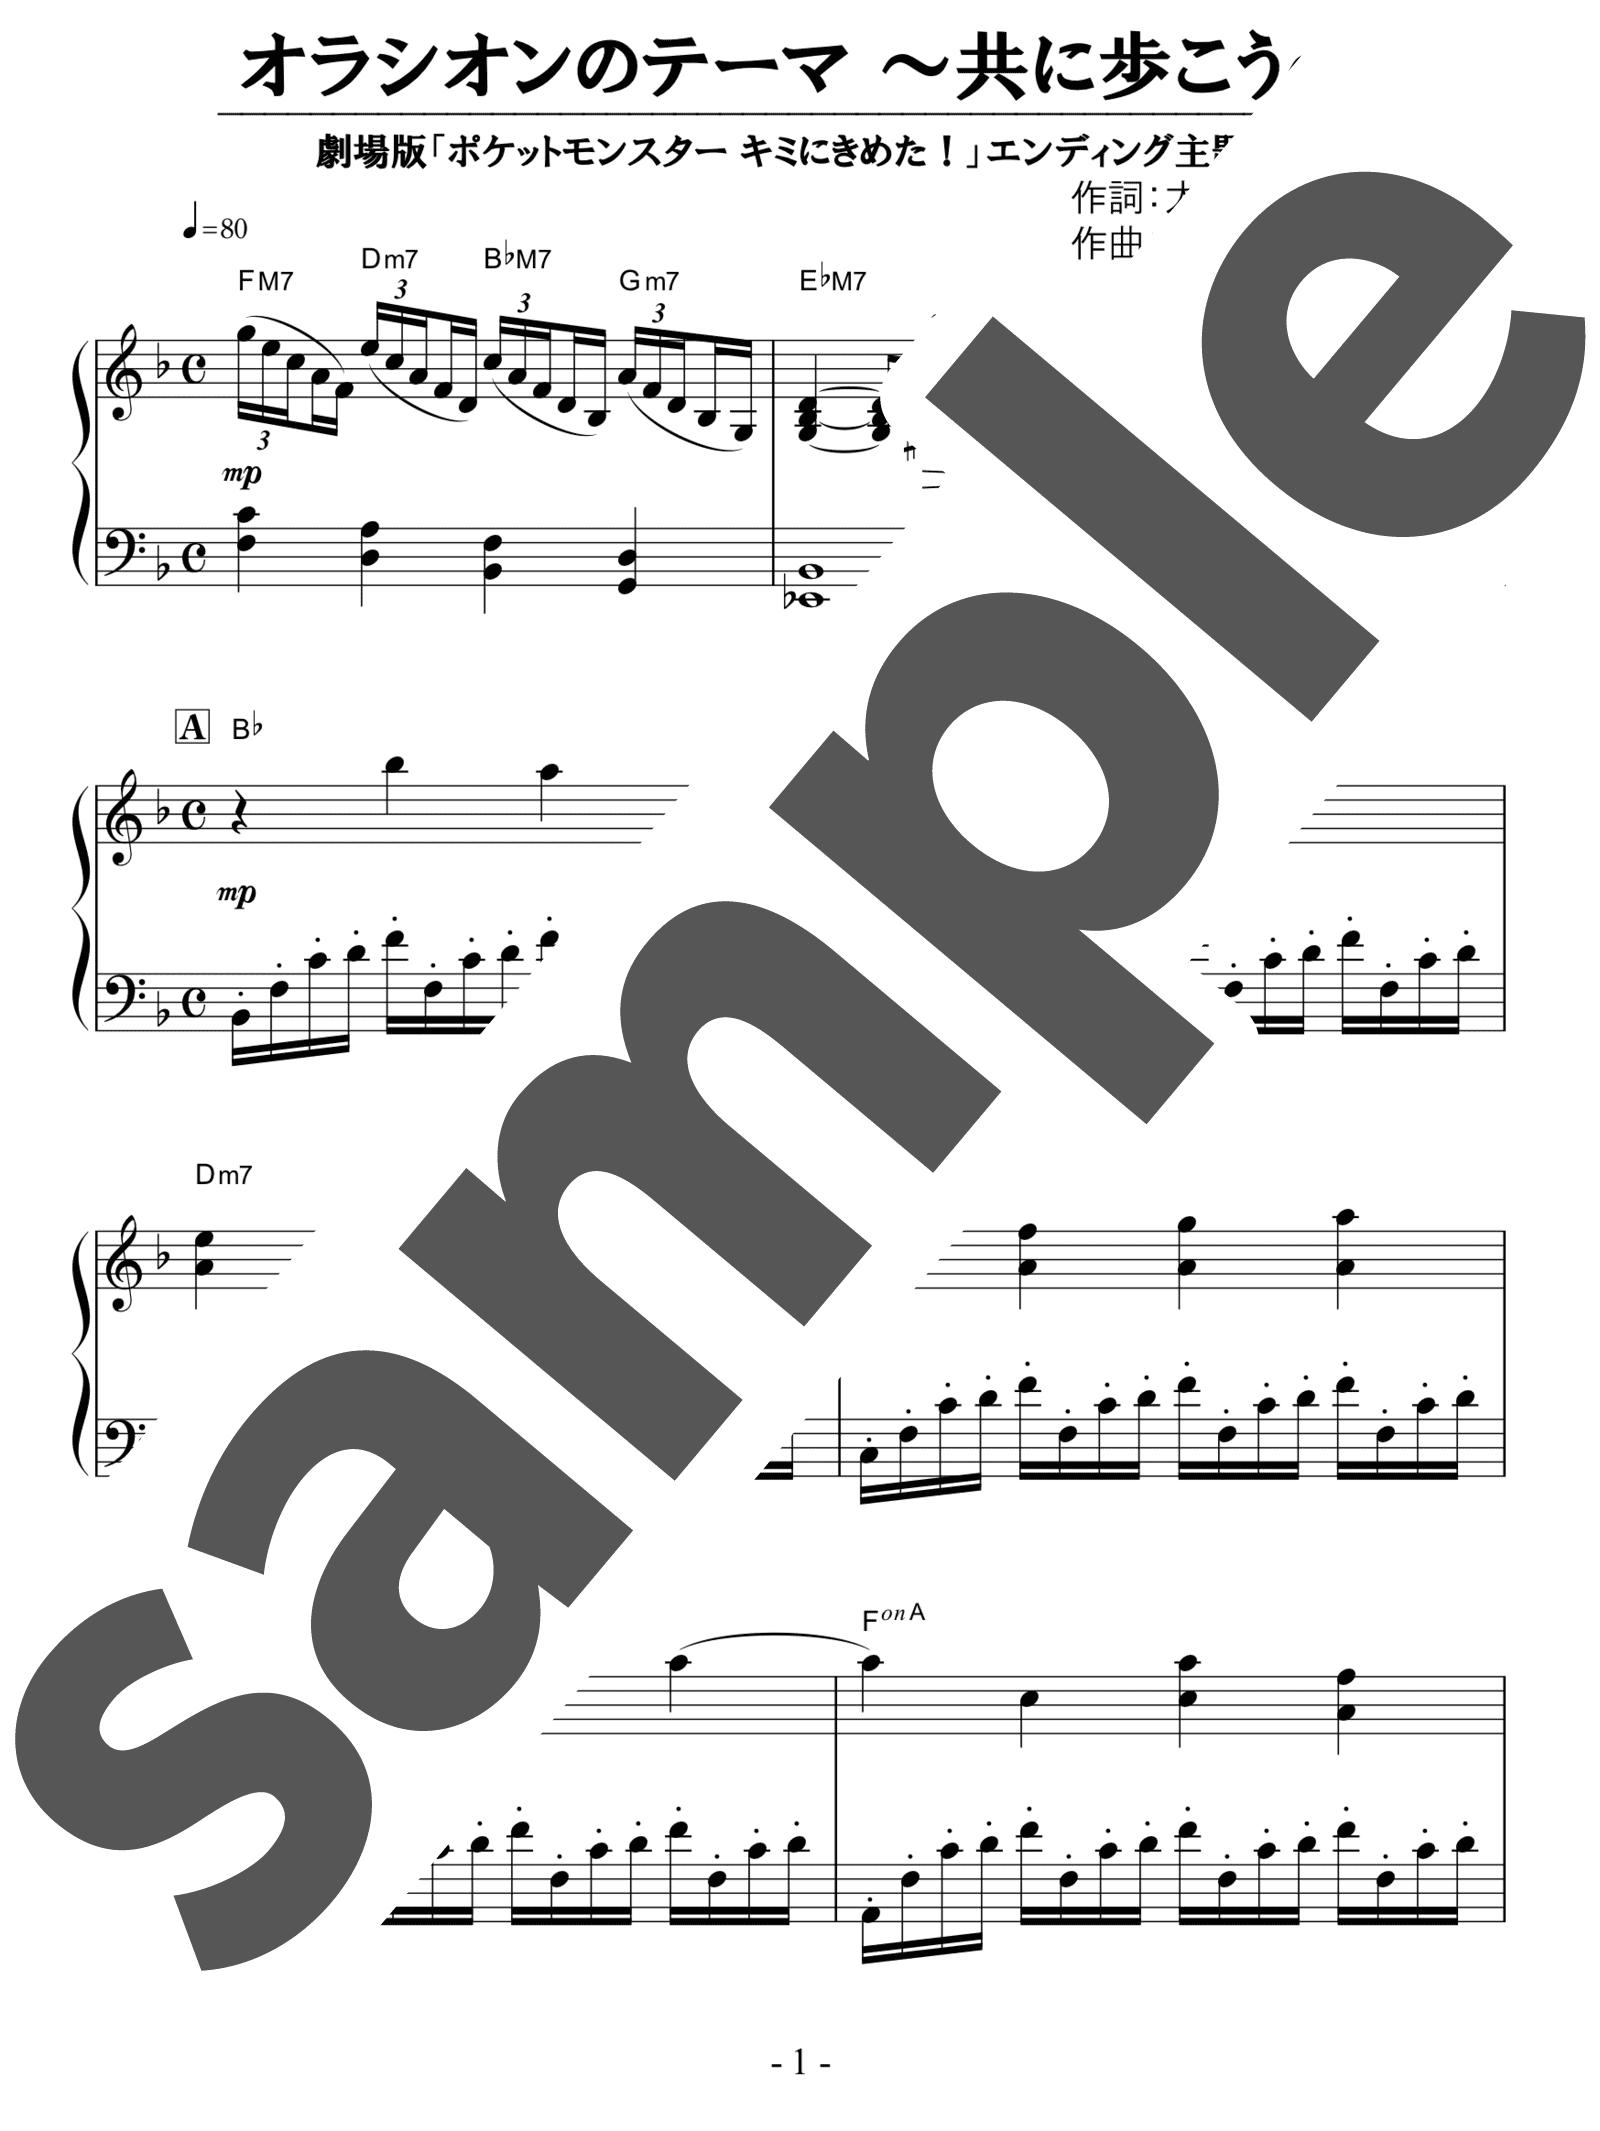 「オラシオンのテーマ ~共に歩こう~」のサンプル楽譜